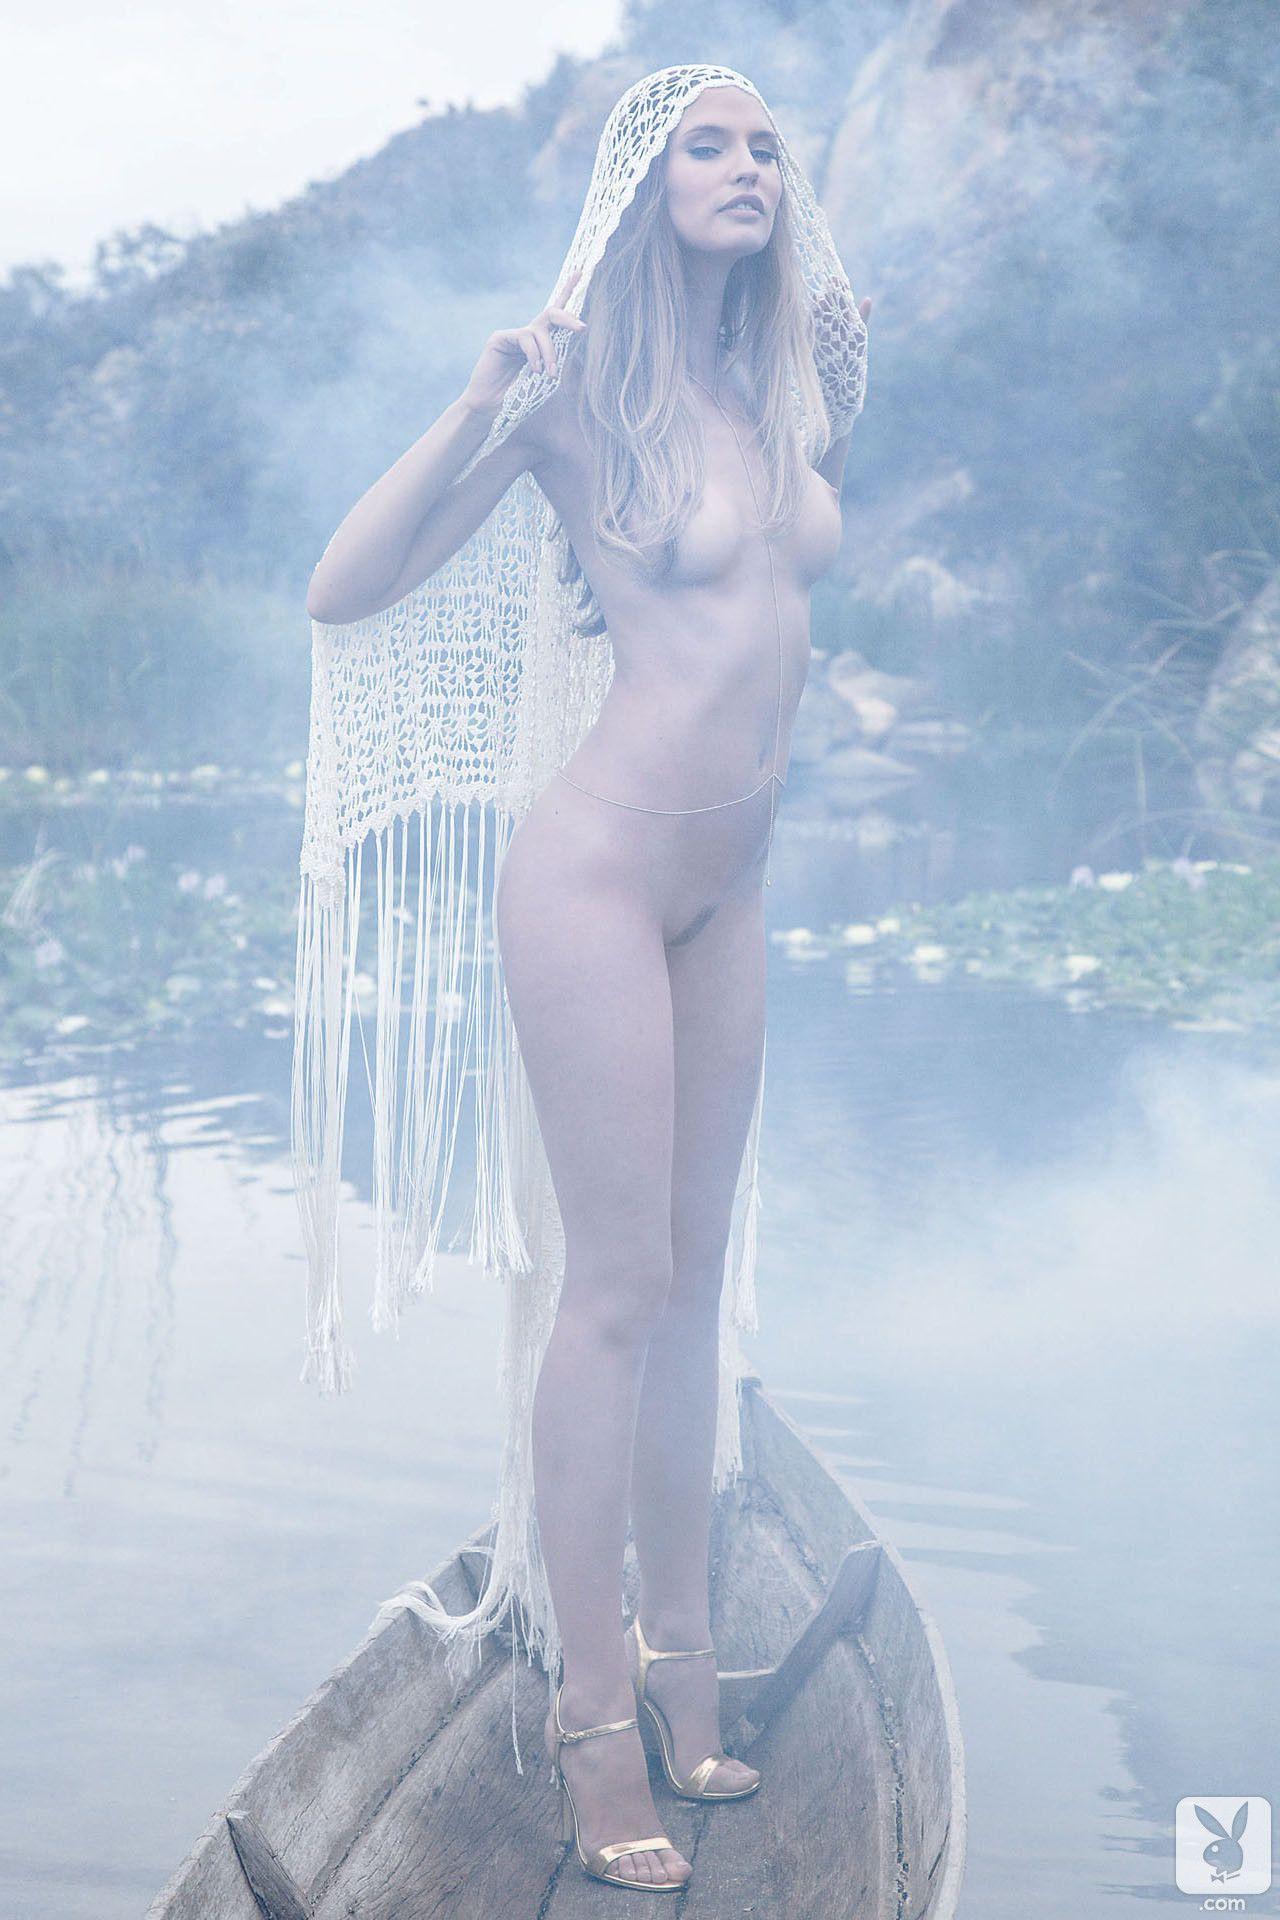 Nude Photos of Bianca Balti